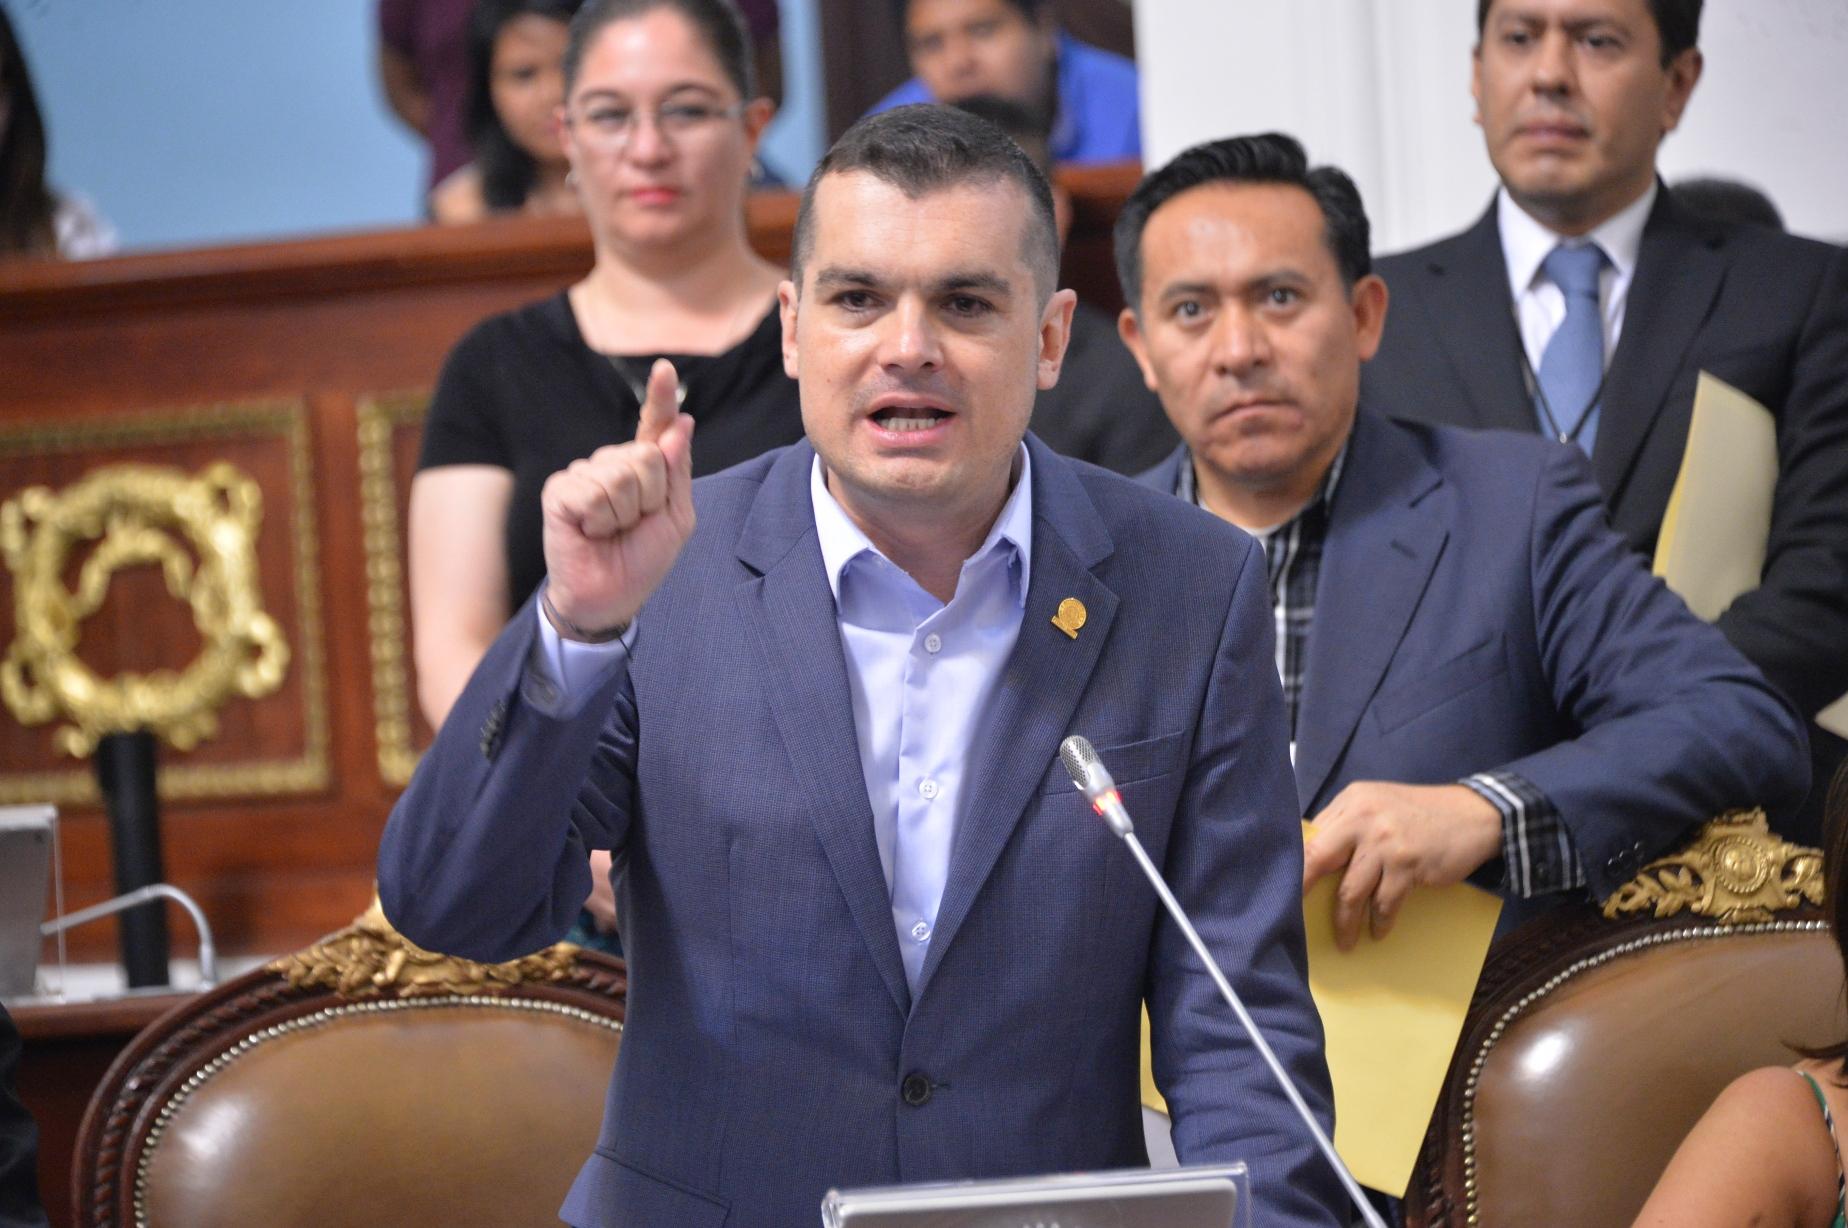 Aprueba Congreso el decreto de reforma constitucional en materia educativa